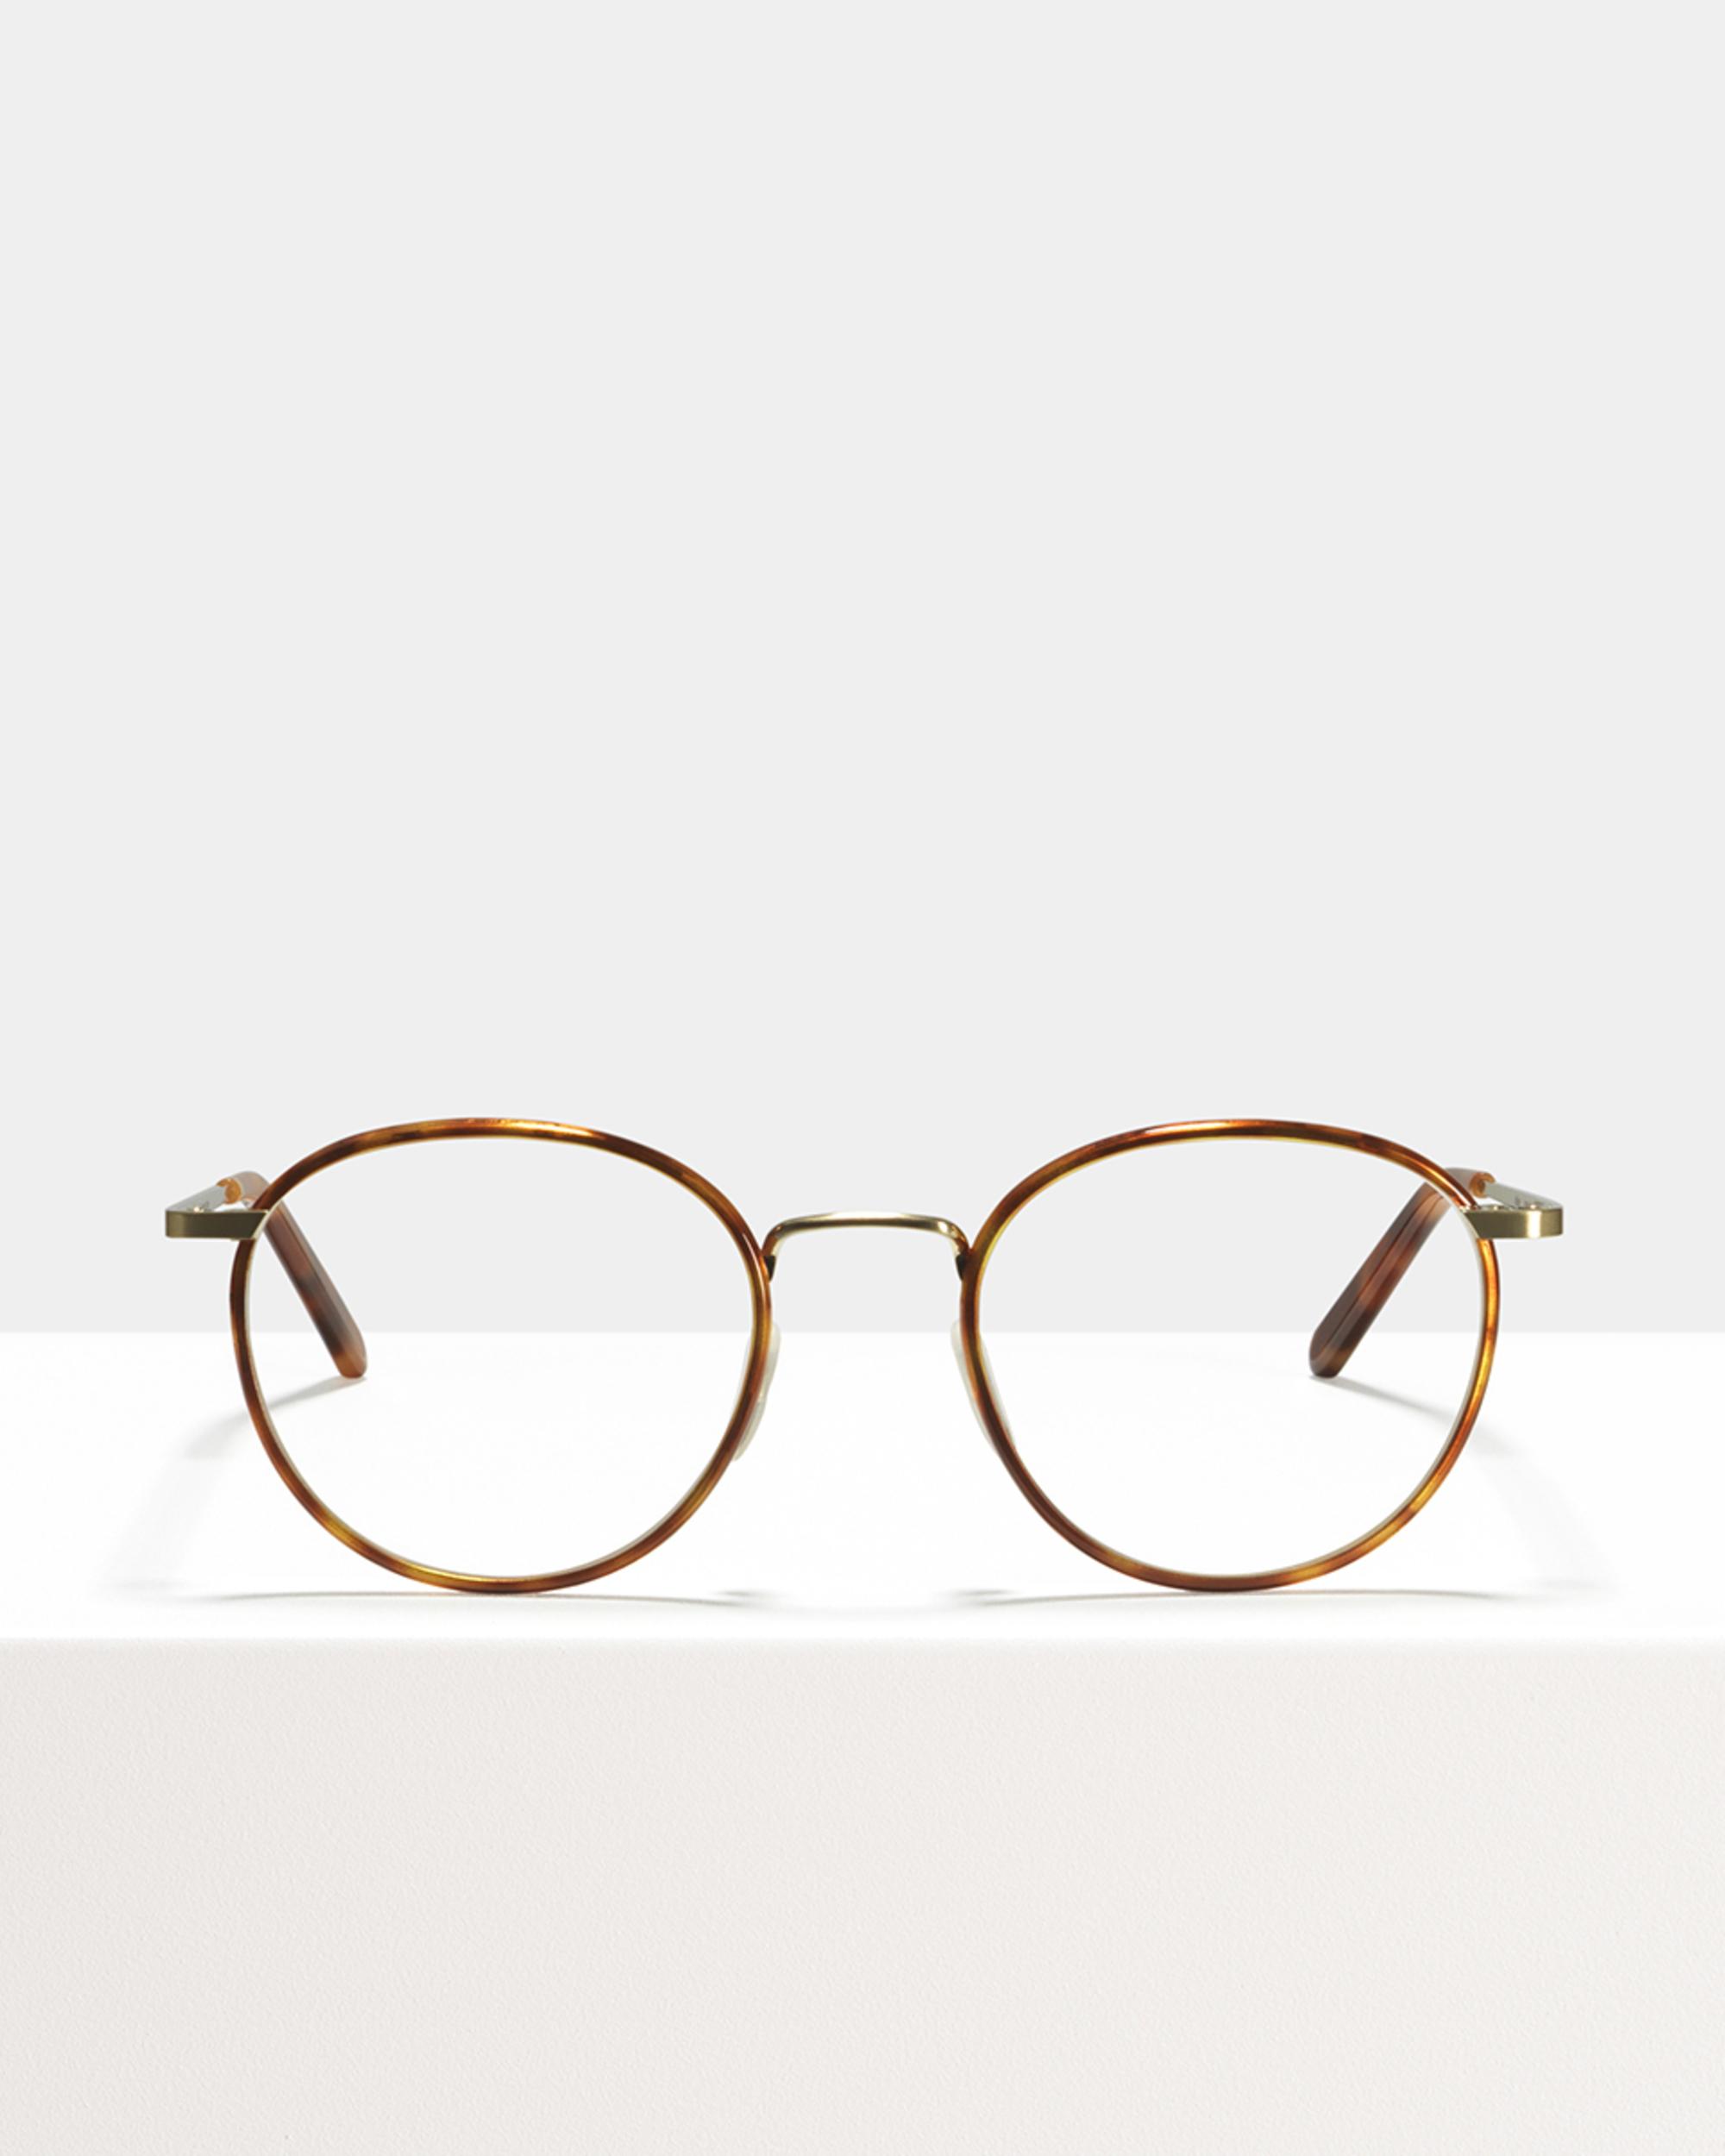 Ace & Tate Glasses | rond metaal in Bruin, Goud, Oranje